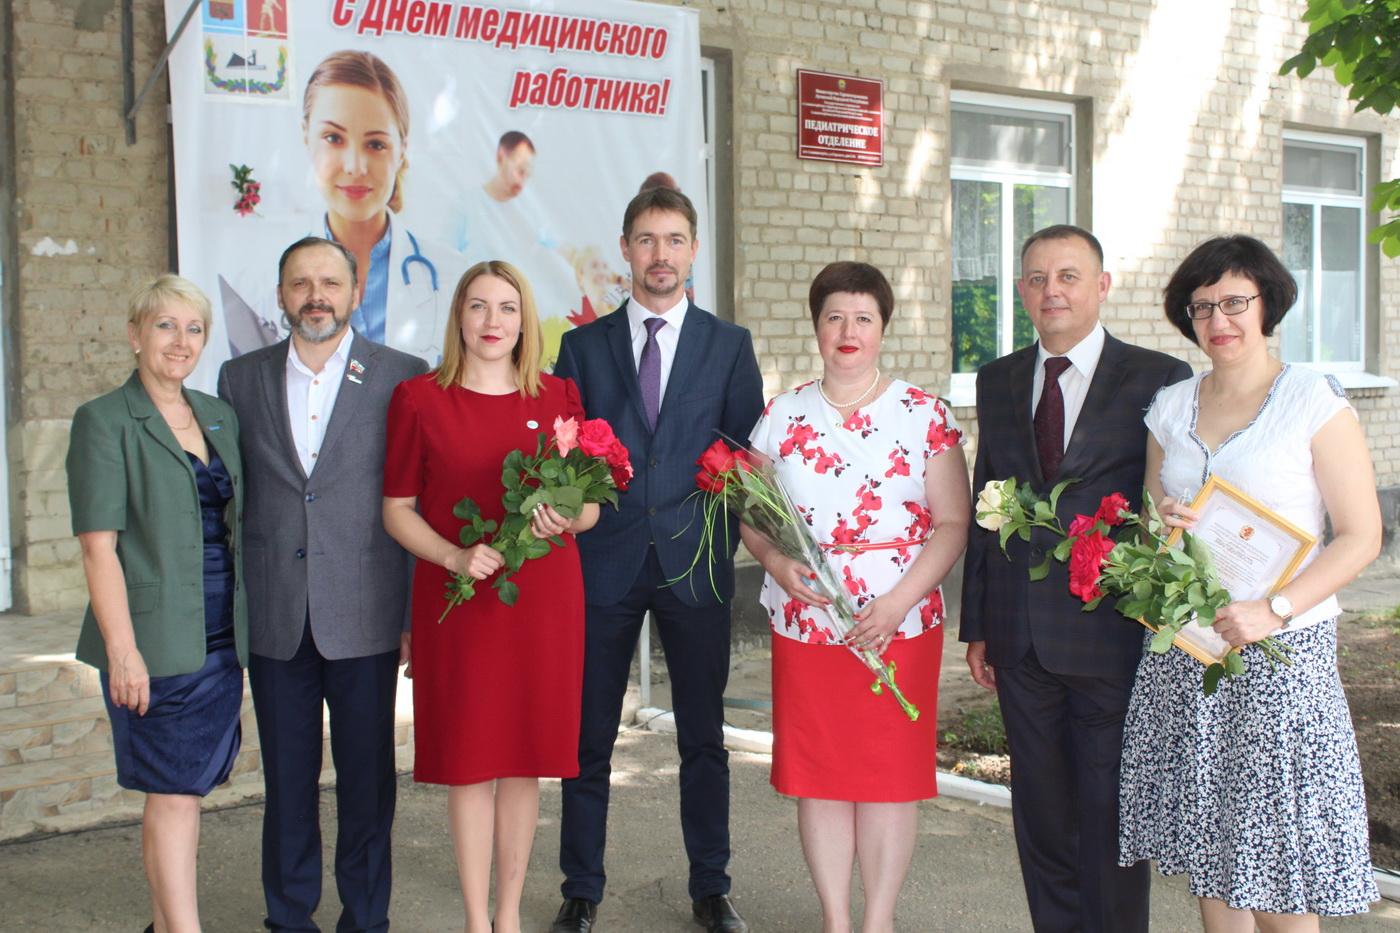 В Славяносербске поздравили медицинских работников с профессиональным праздником